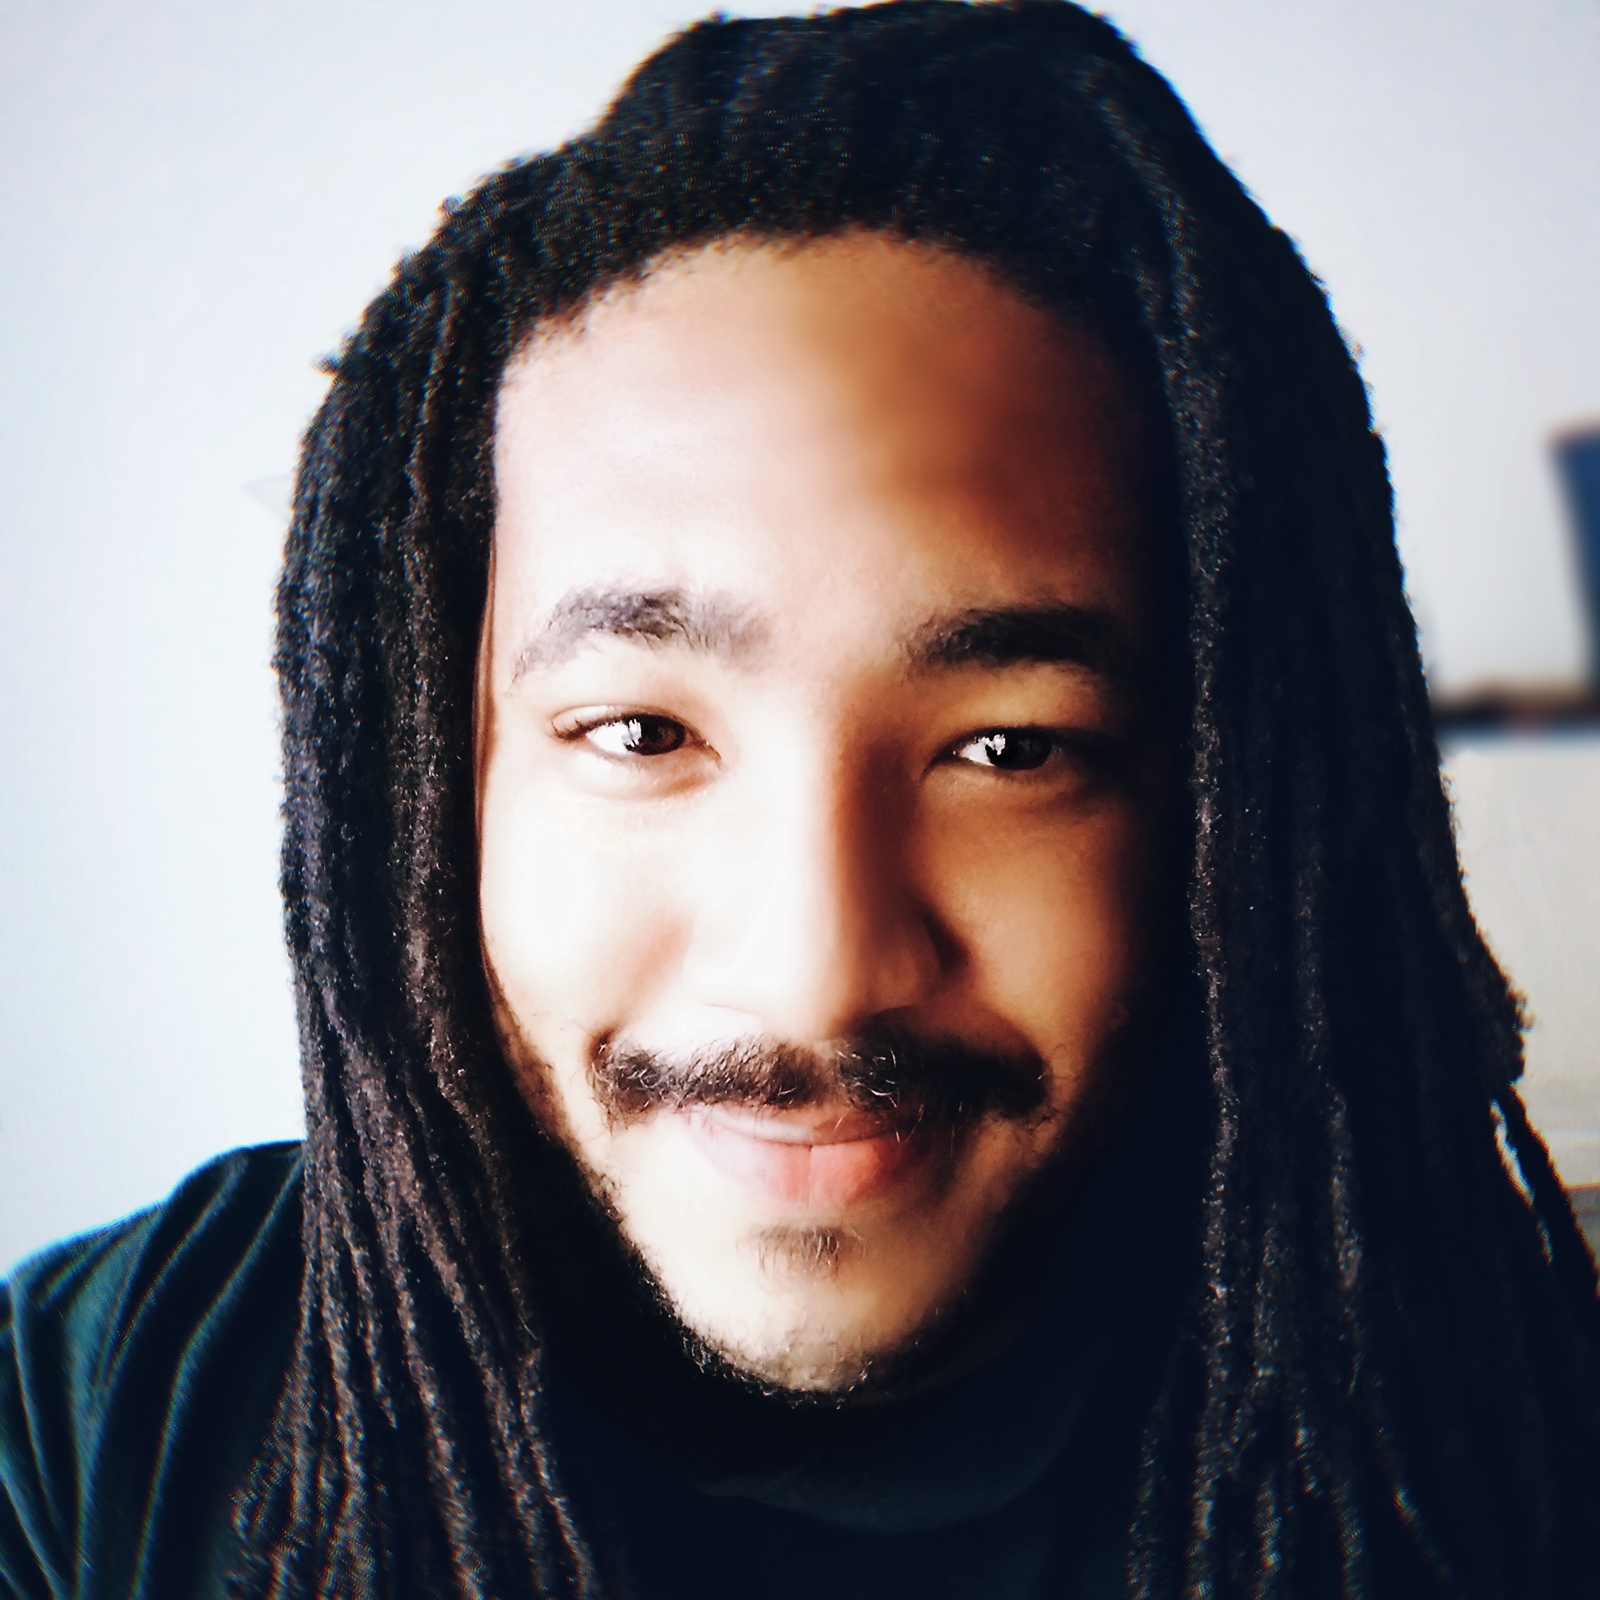 A portrait of a man smiling.